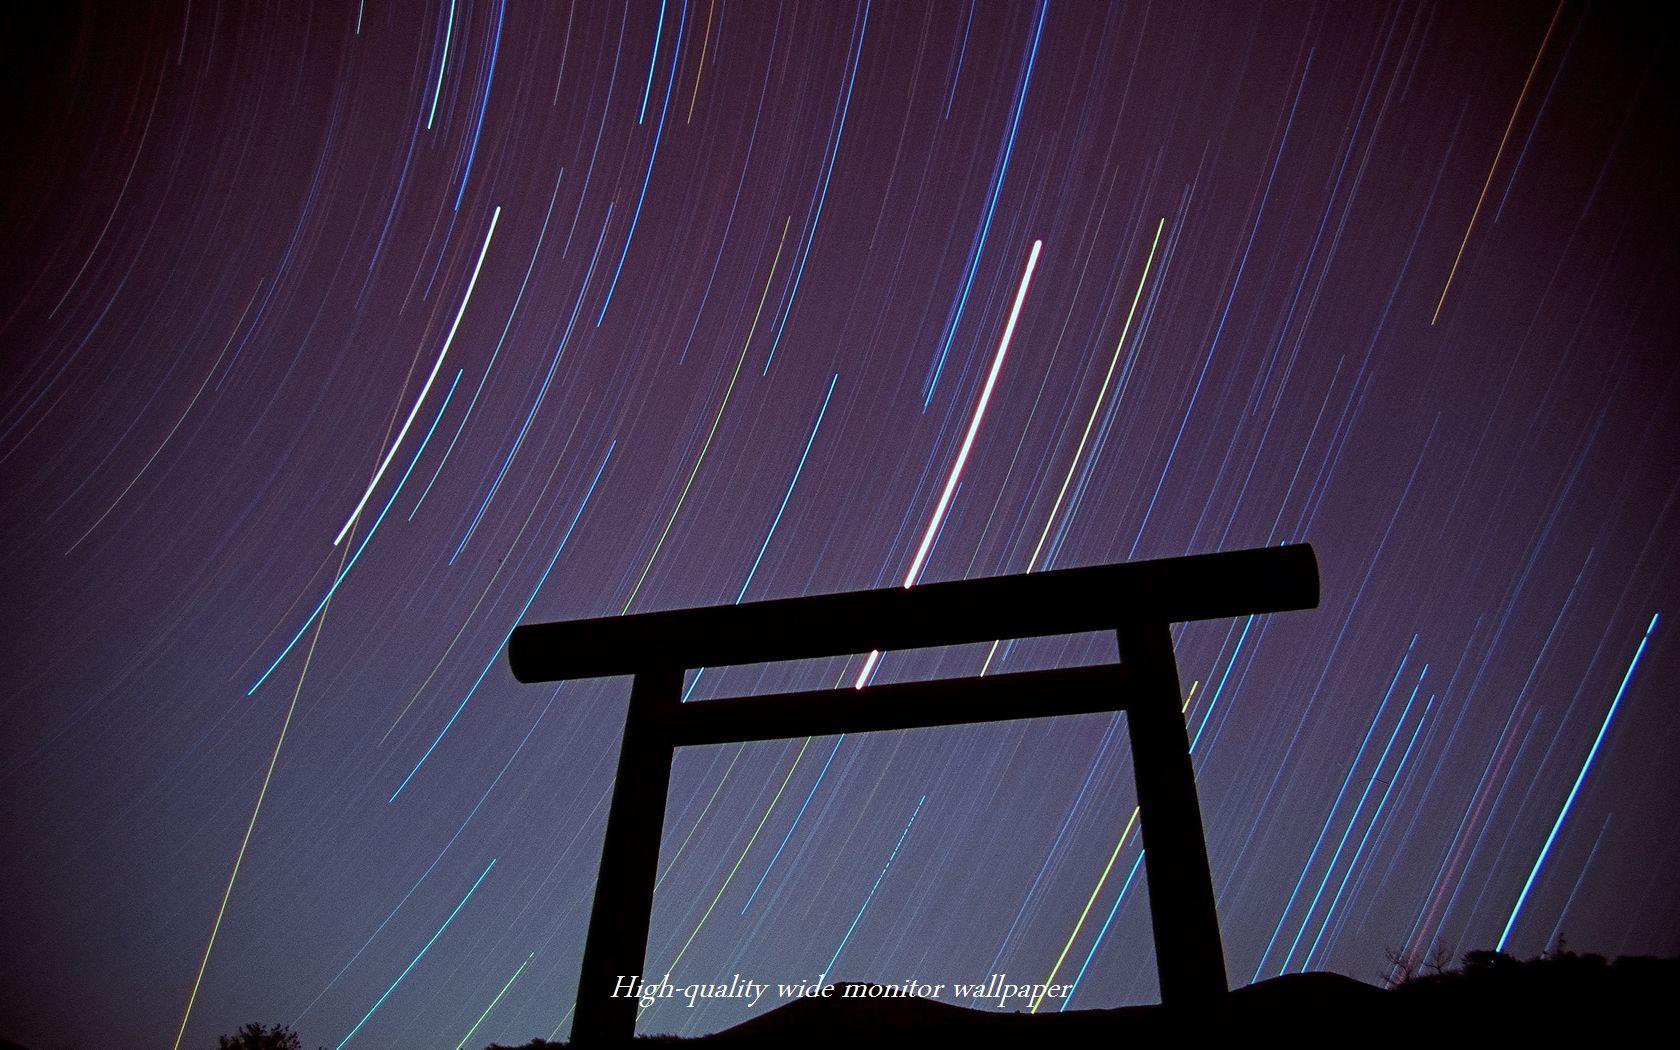 旧霧島神宮址の鳥居と星の光跡をモチーフにしましたワイドモニター 1680 1050 高画質壁紙 アスペクト比 16 10 星景写真 長時間露光 Time Lapse 微速度撮影 夜間撮影 インターバル撮影